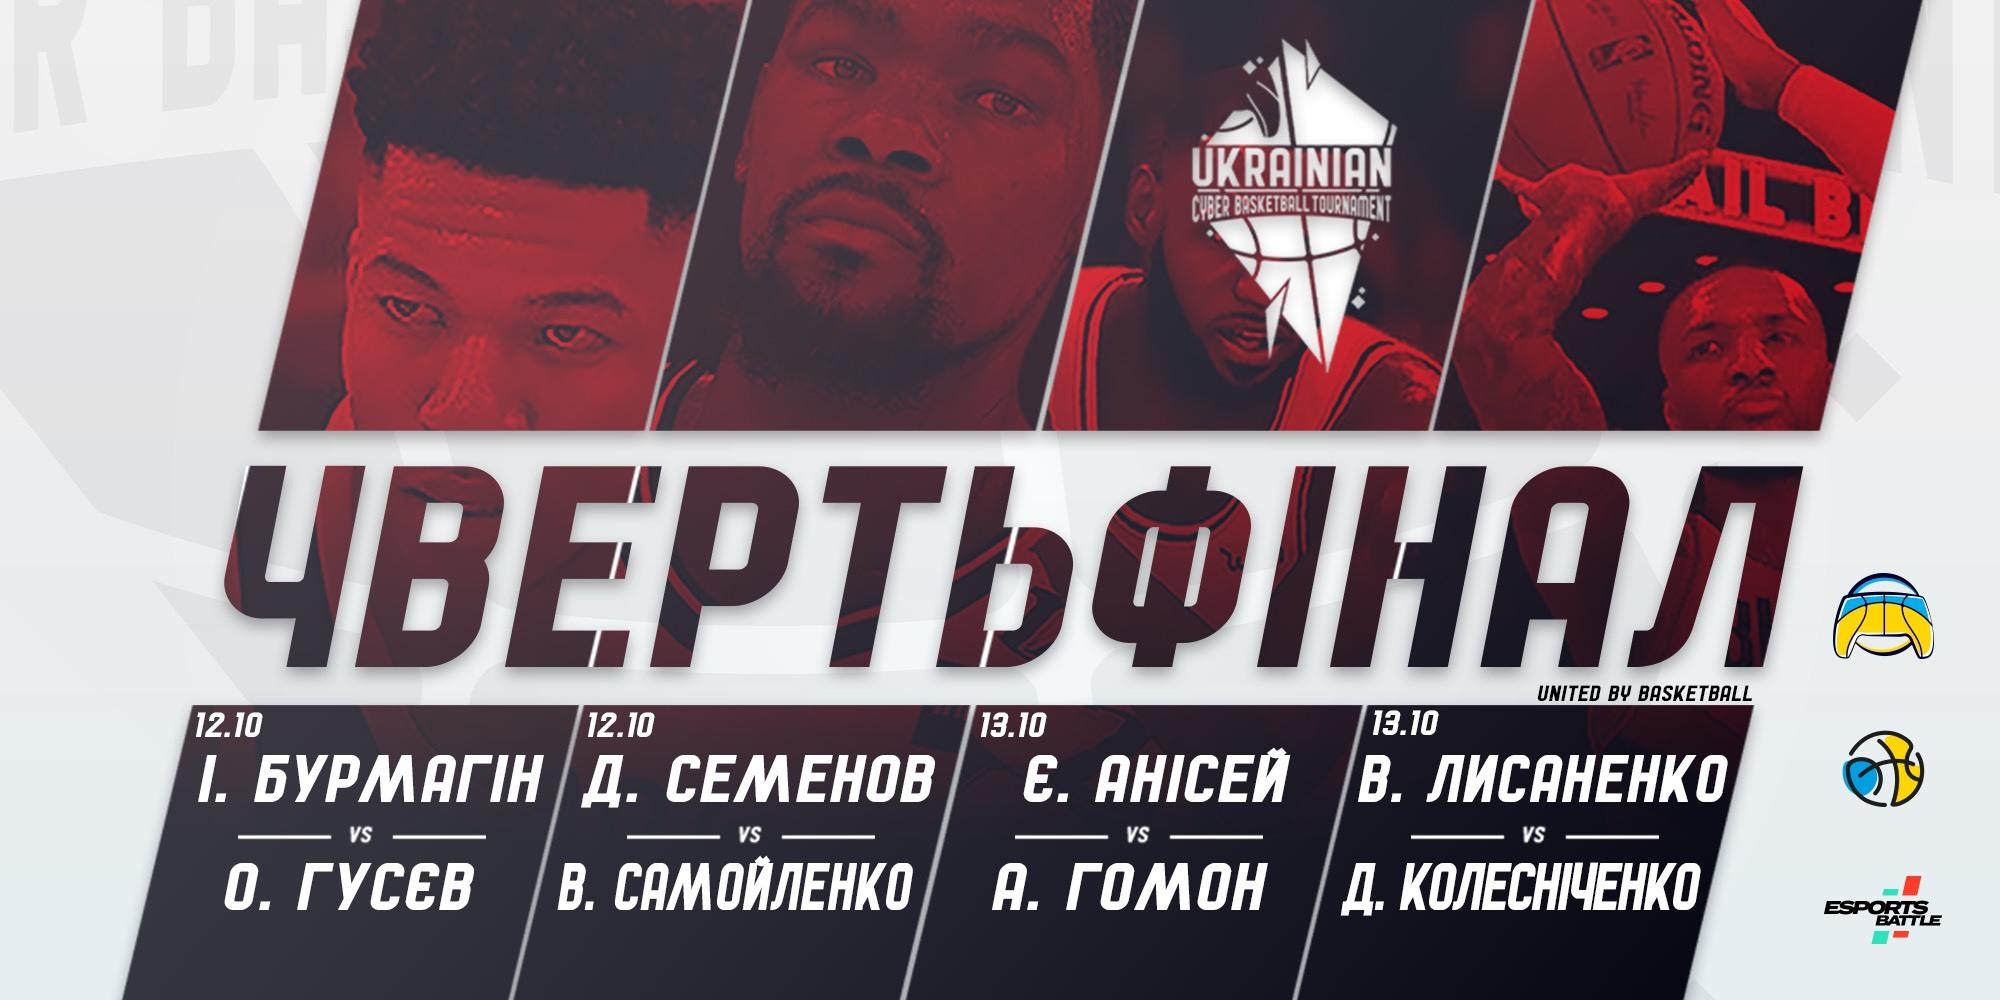 Стартував плей-оф чемпіонату України з Кібербаскетболу: відеотрансляція